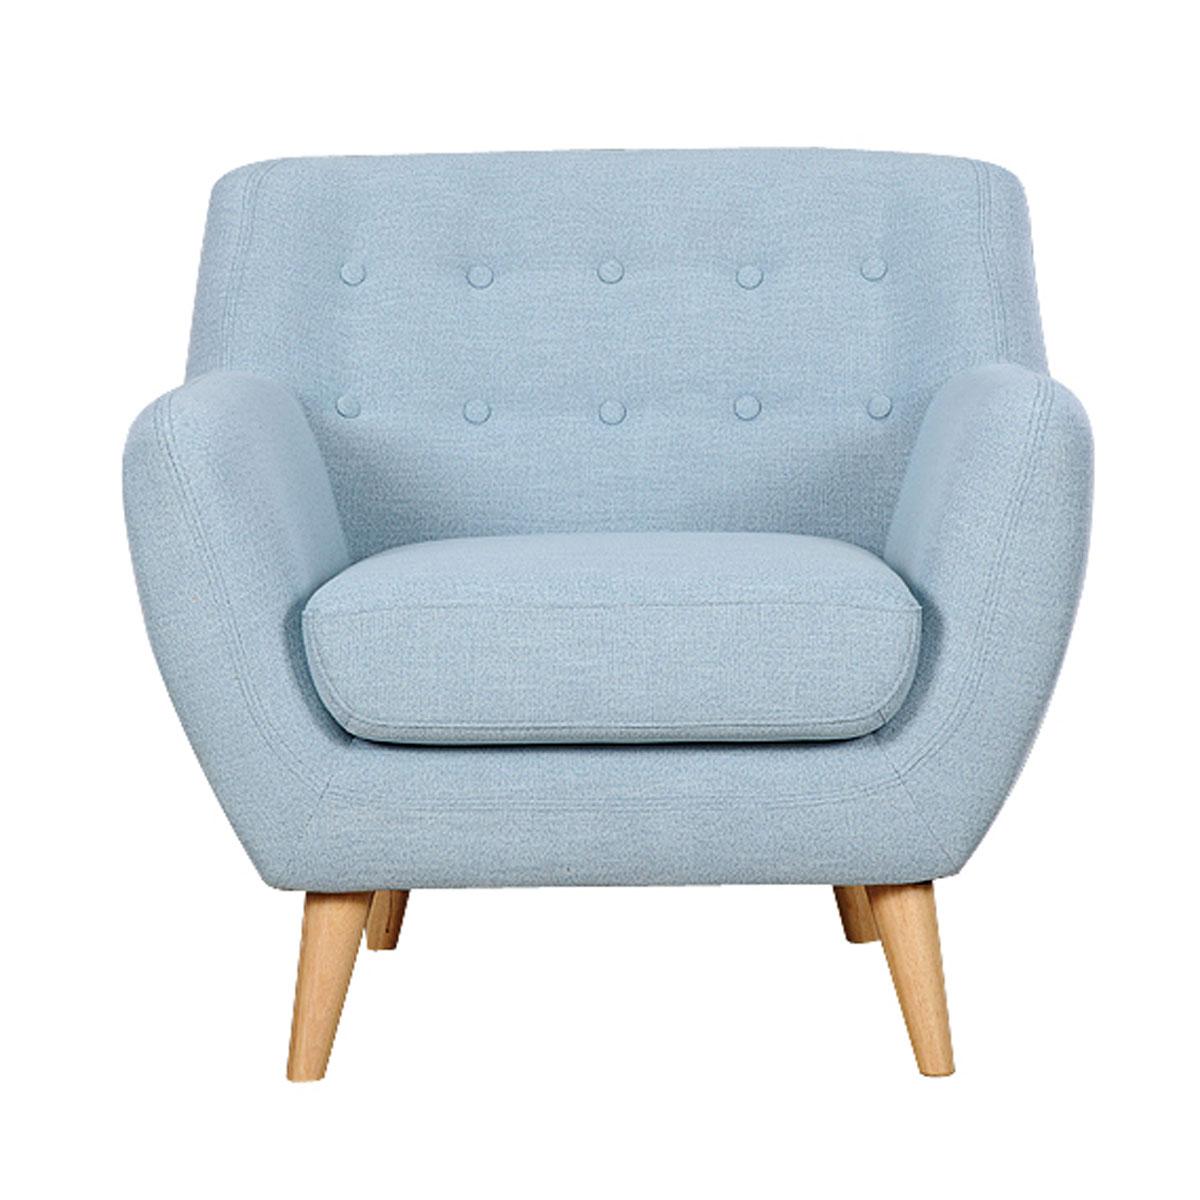 כורסא מרופדת בעיצוב מודרני דגם PICASSO במגוון צבעים BRADEX - תמונה 2